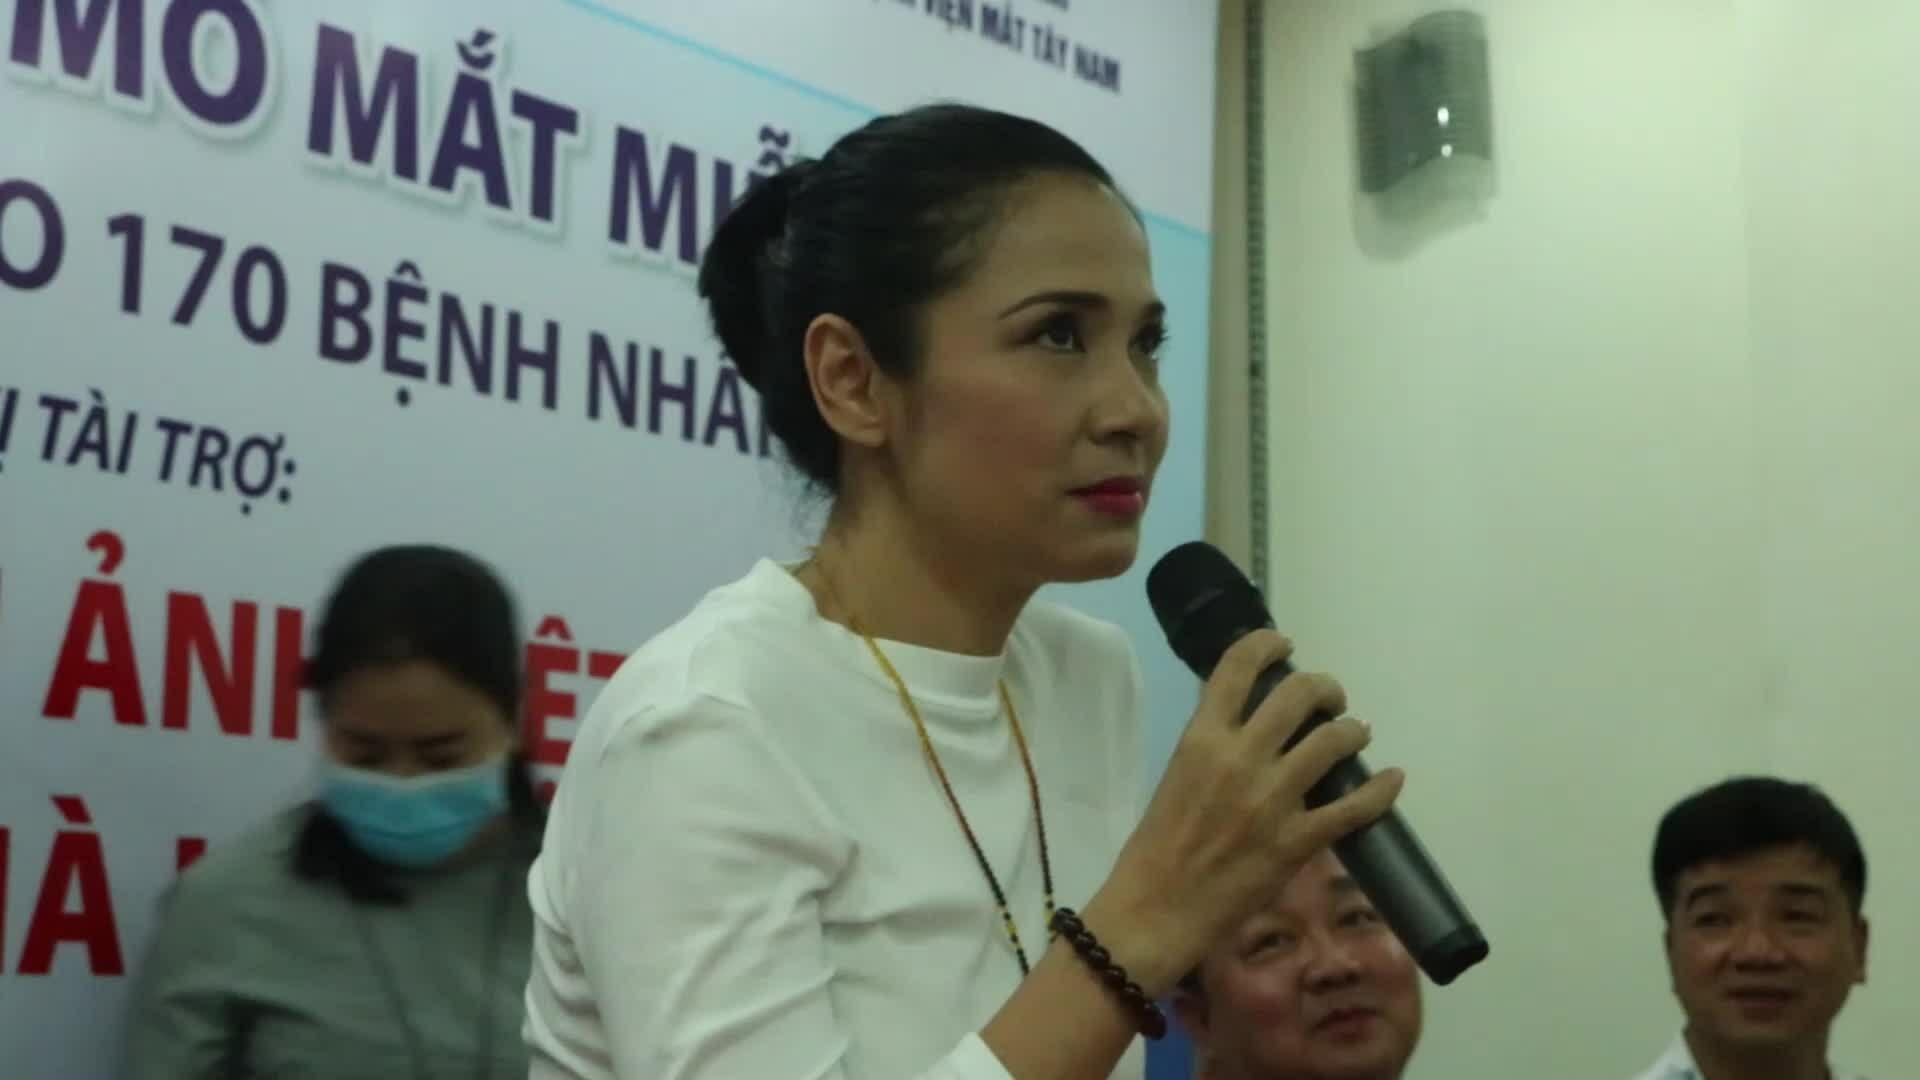 Việt Trinh tài trợ 170 người nghèo mổ mắt